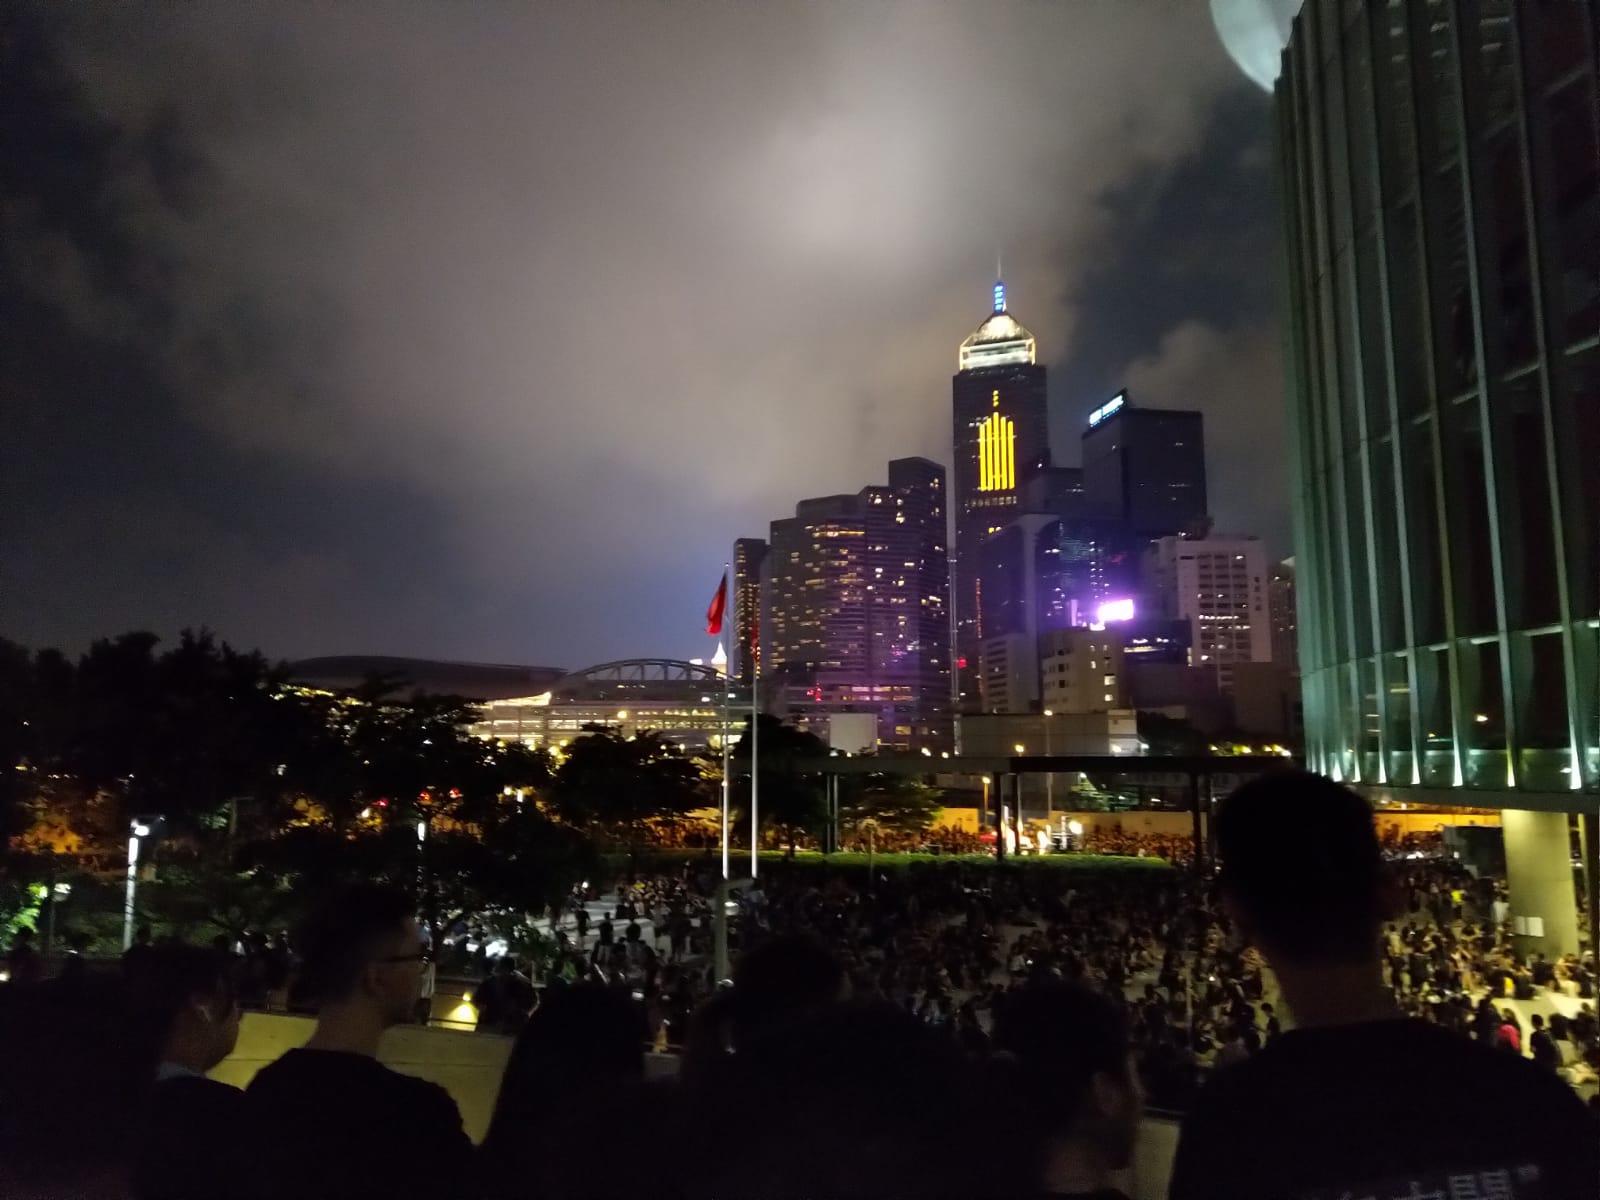 """2019年6月16日,近200万不满香港政府拒绝撤回""""送中""""条例的香港市民举行了示威游行。图为留守政府总部大楼外的香港市民。16日深夜 。(戴维提供)"""